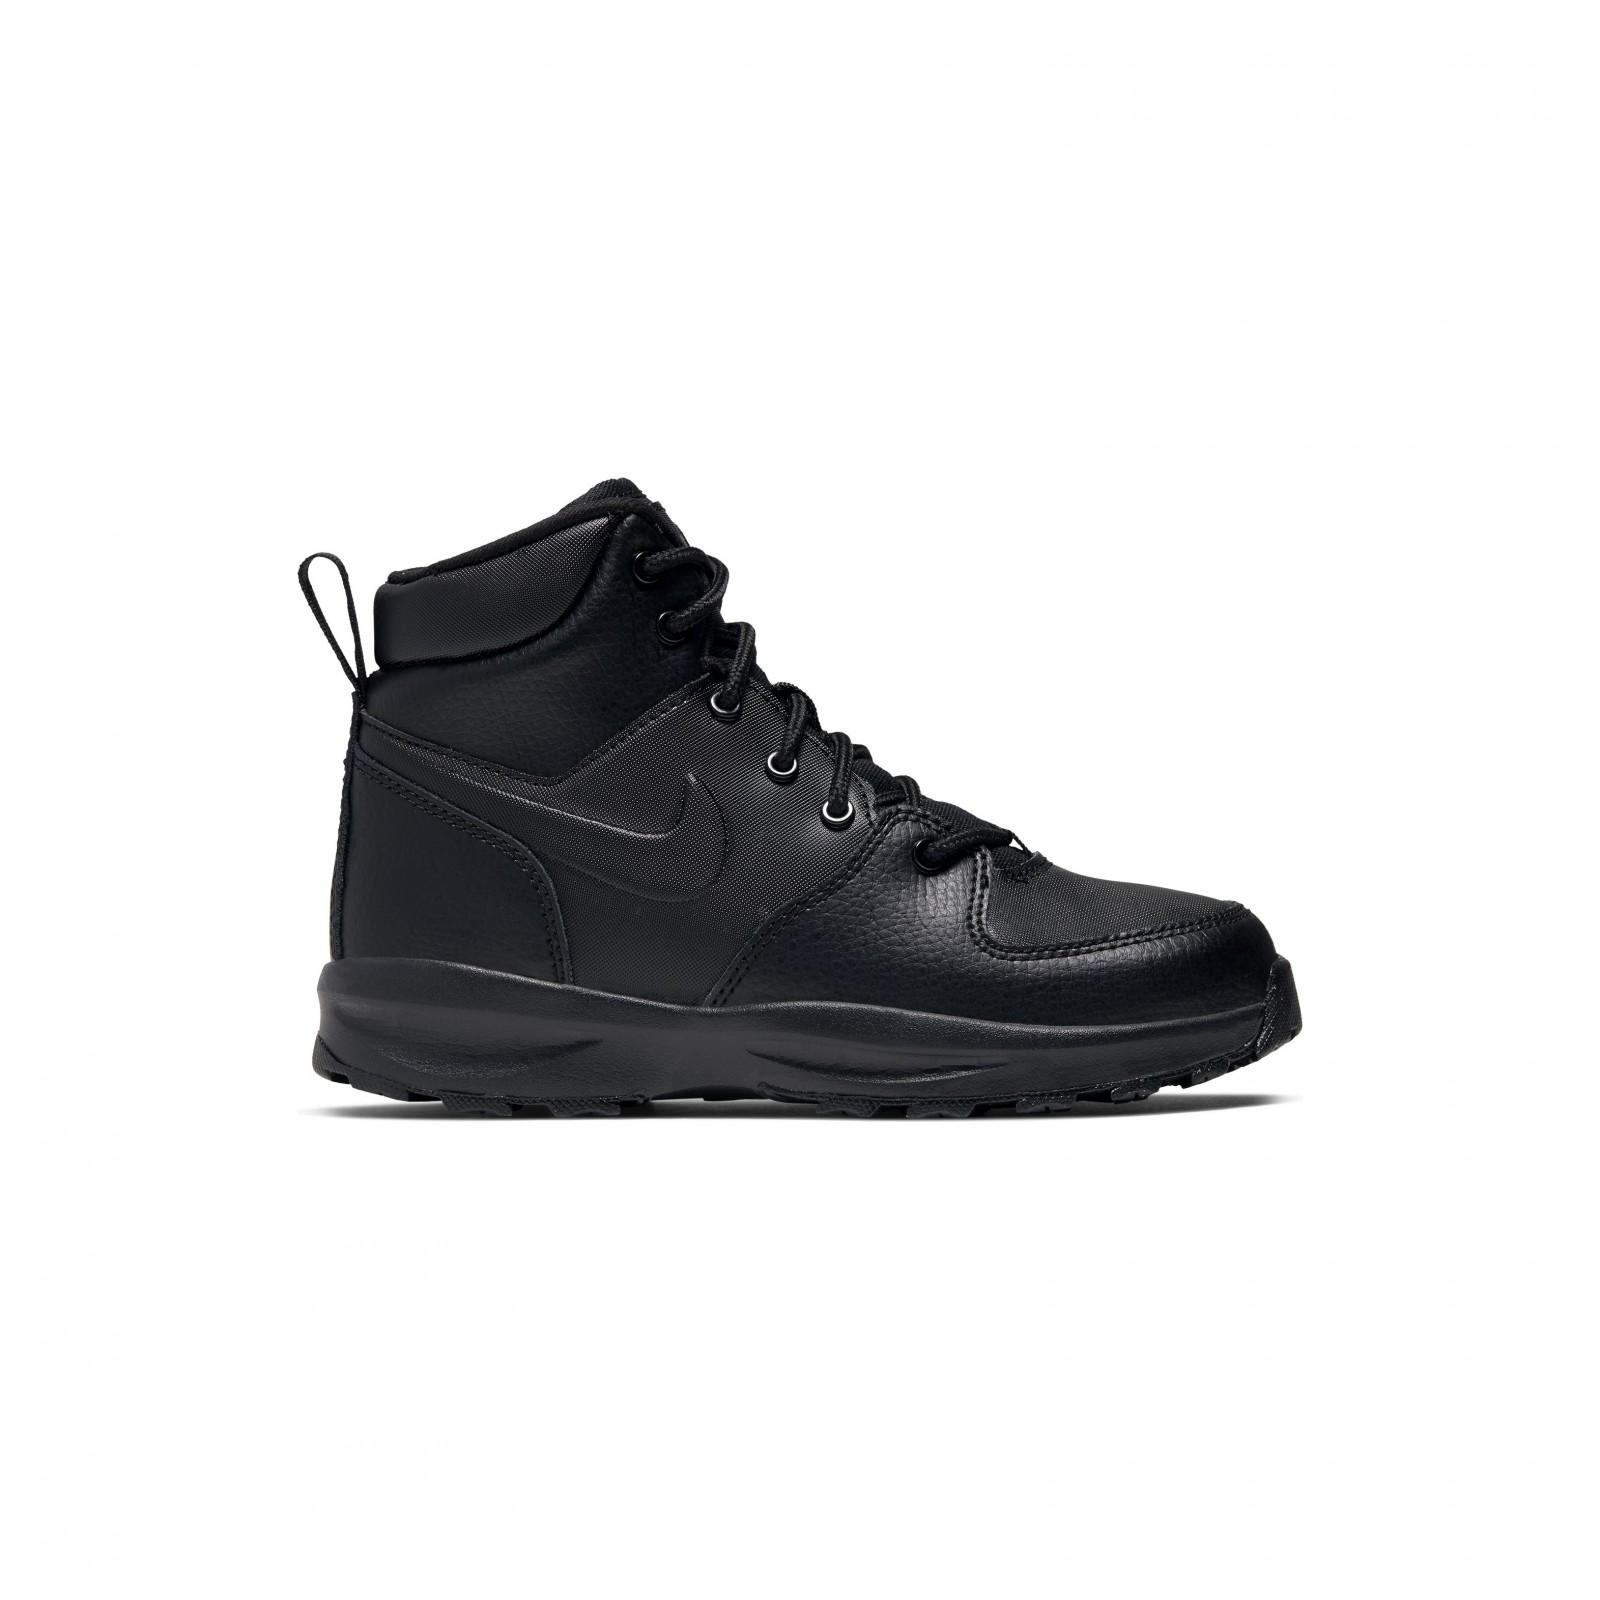 Nike manoa ltr (ps) BLACK/BLACK-BLACK